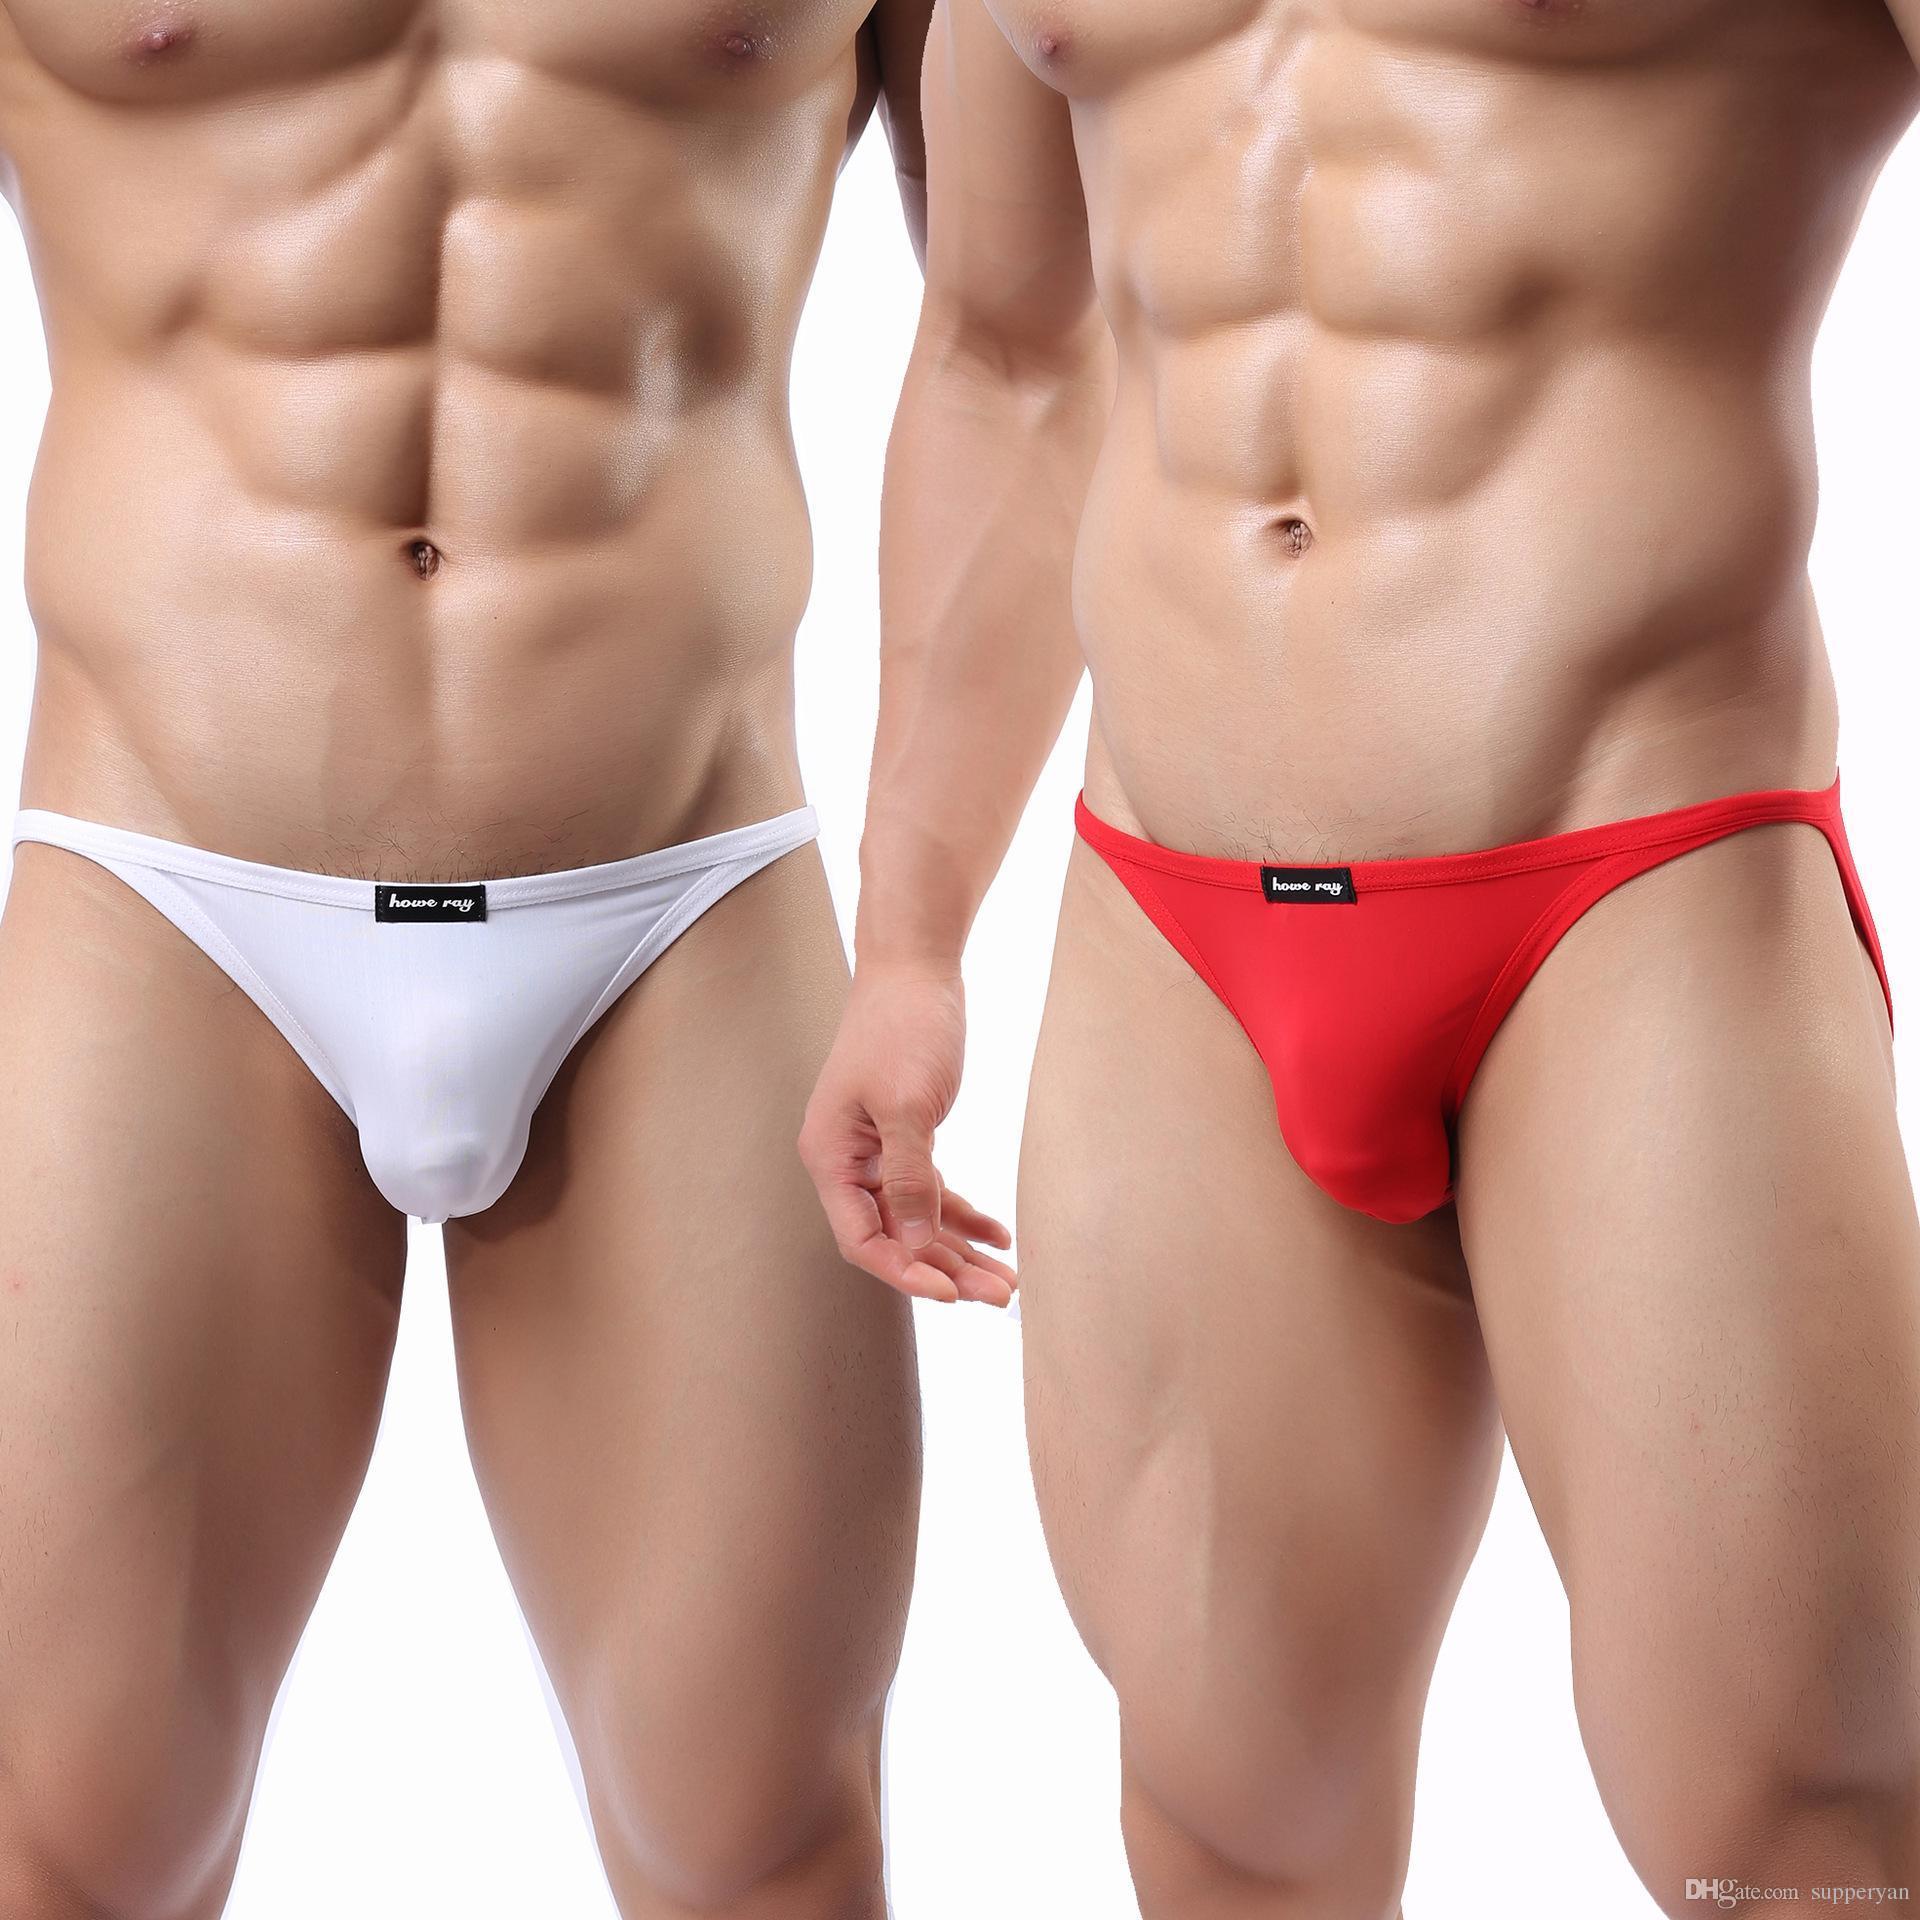 58afe9803 Acquista Uomini Di Marca Intimo Pene J190113 Sexy Uomo Bikini Slip  Mutandine Maschili Cueca Gay Biancheria Intima Calzoncillos Hombre Scivola  Colore Della ...